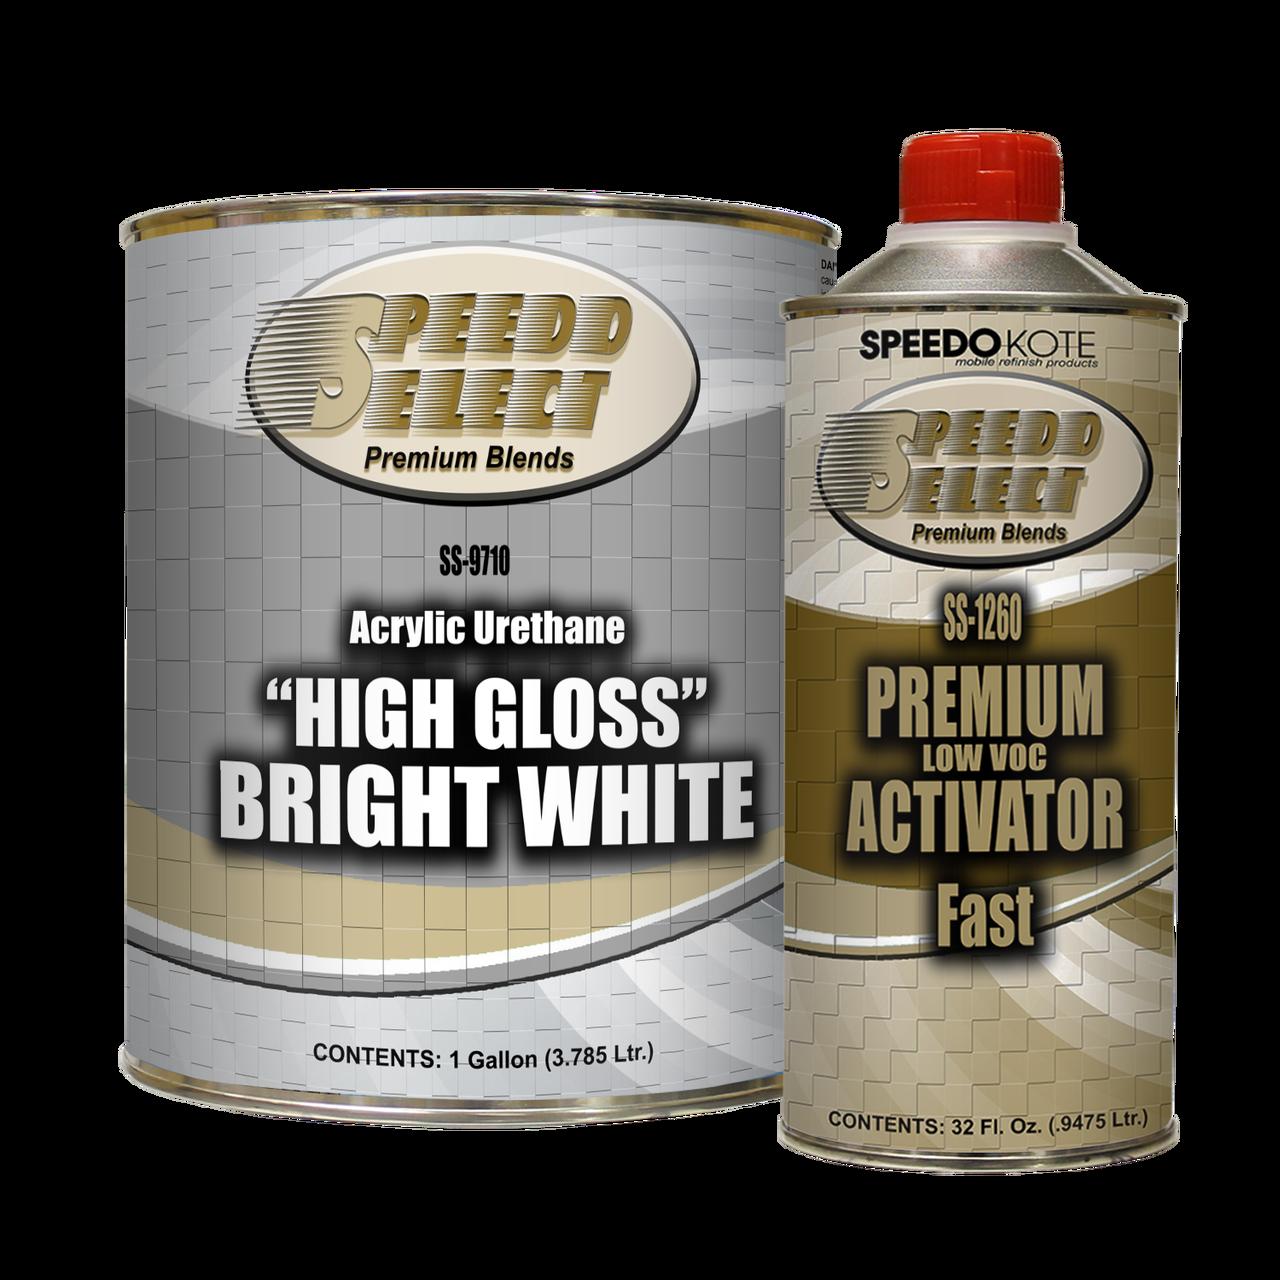 Bright White Acrylic Urethane, 4:1 Fast Kit, SS-9710/1260